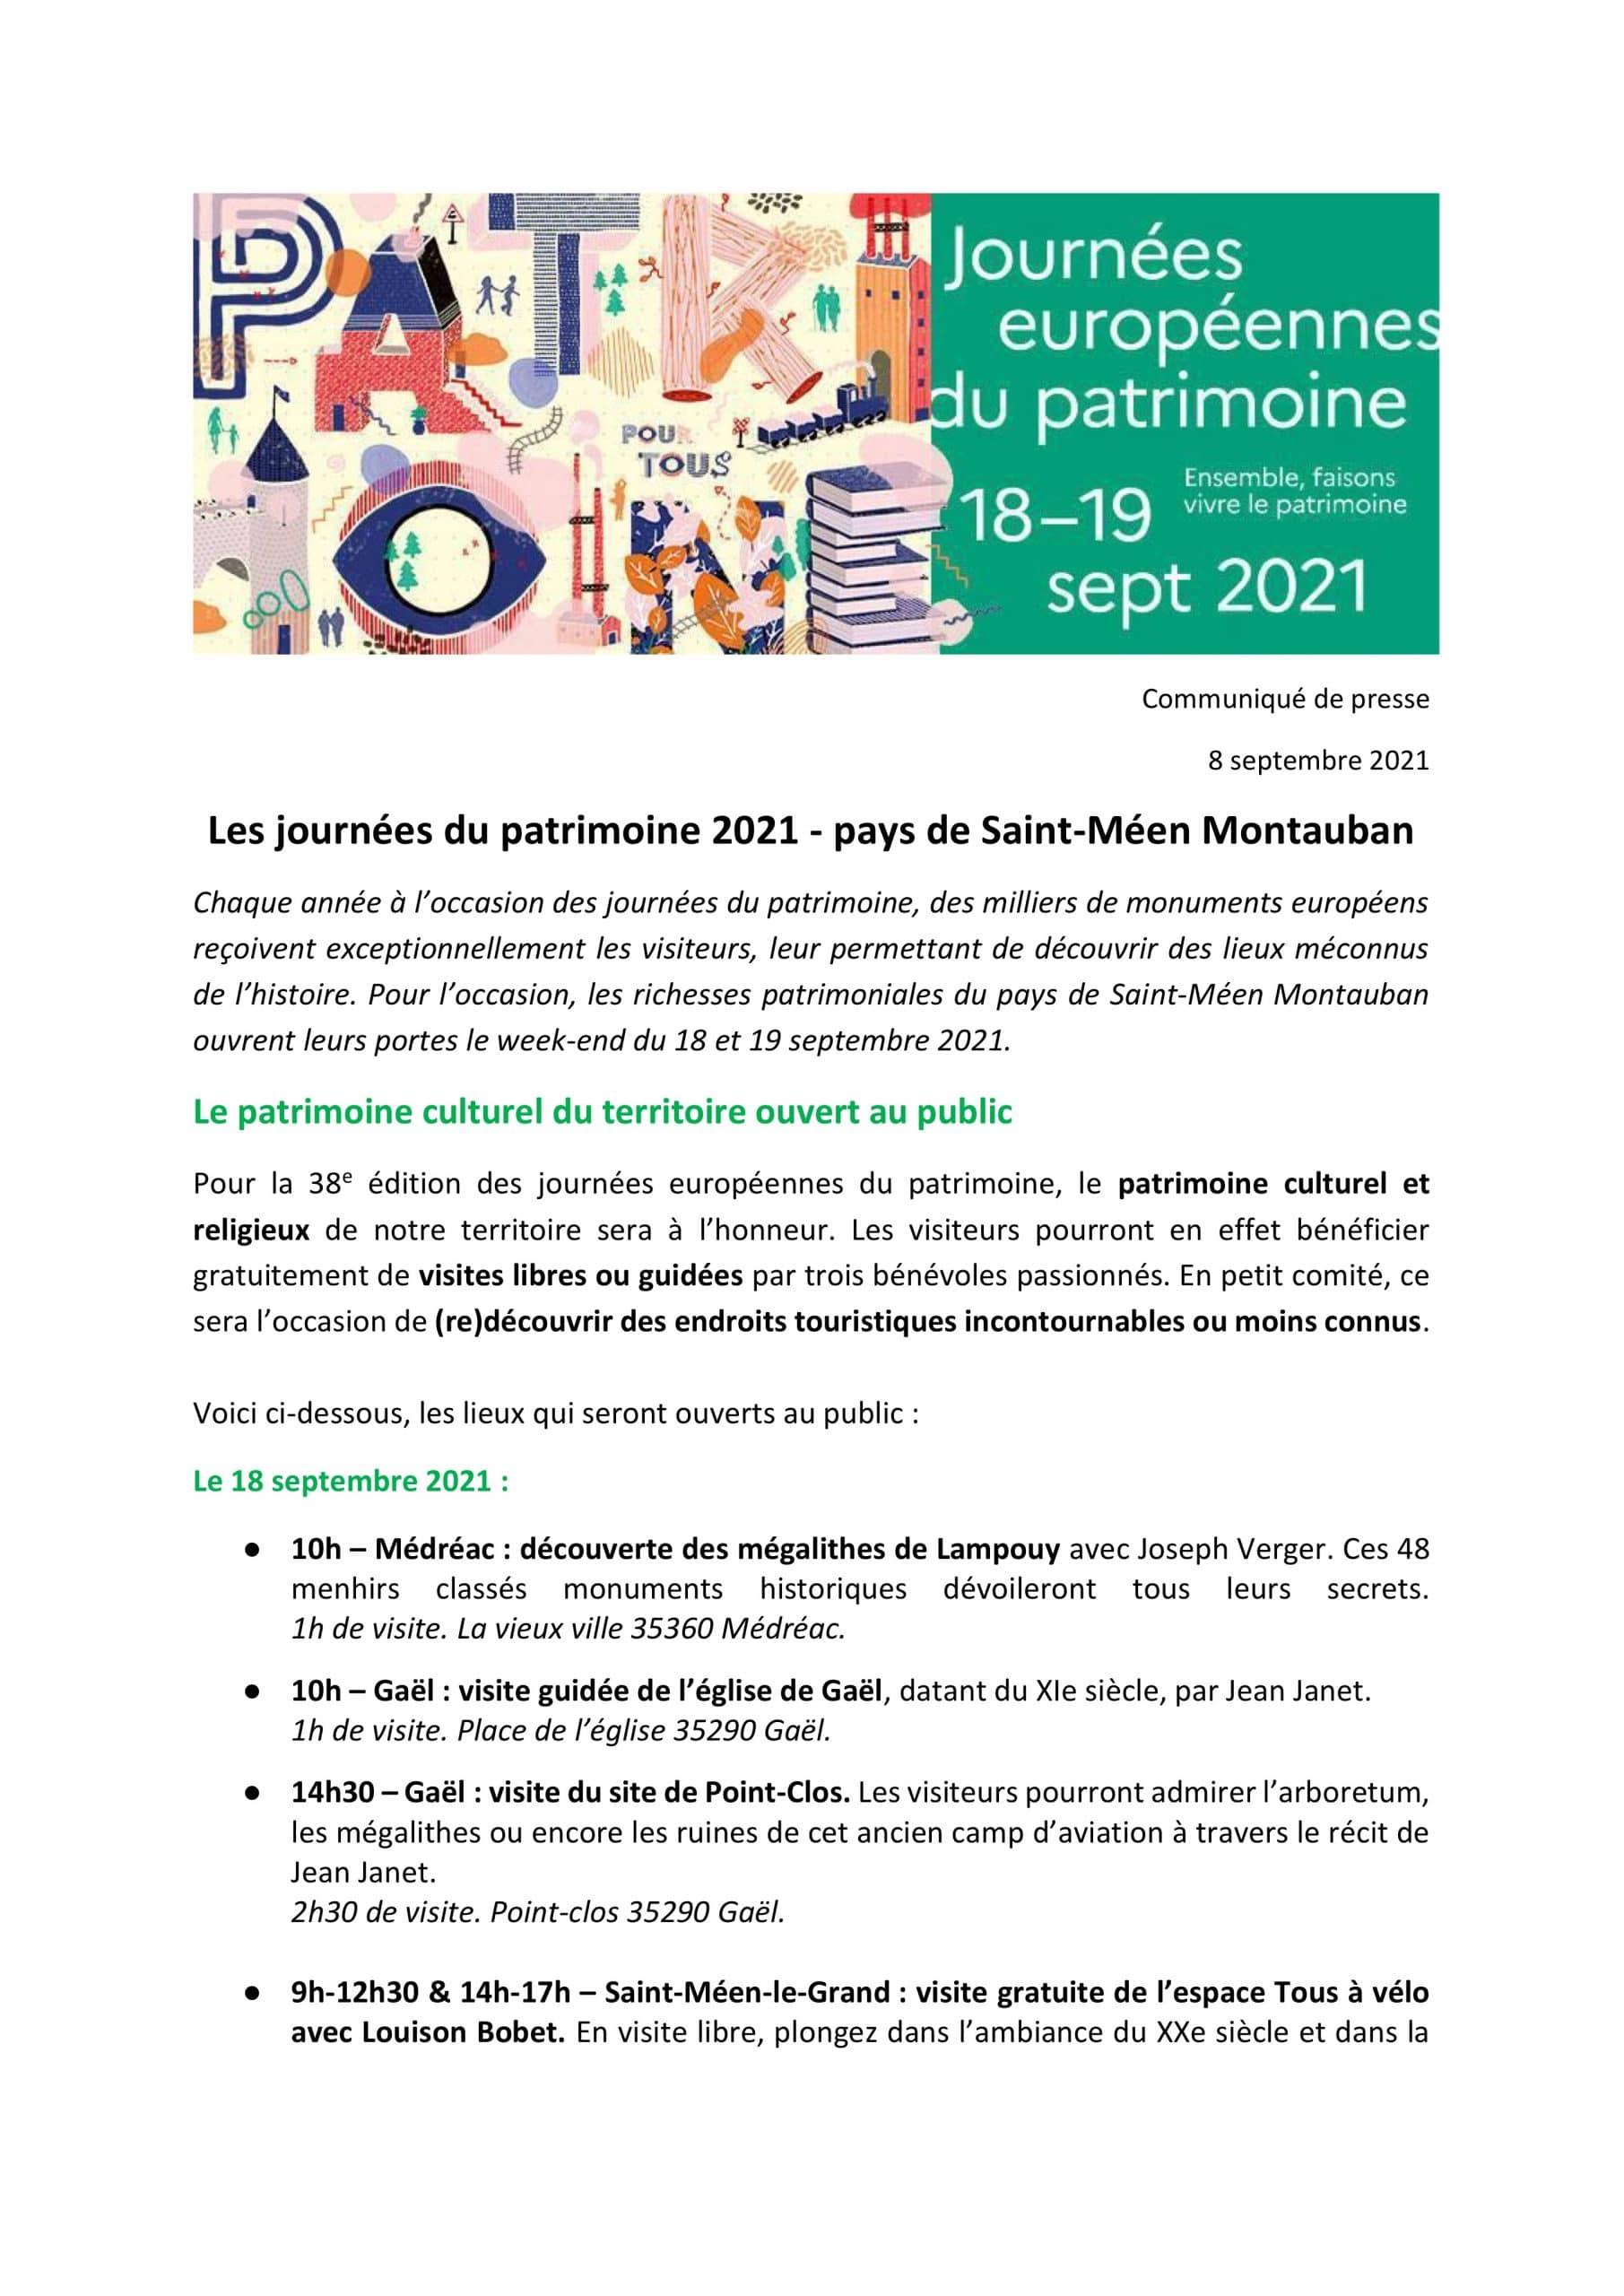 JOURNEES DU PATRIMOINE : 18/19 SEPTEMBRE 2021